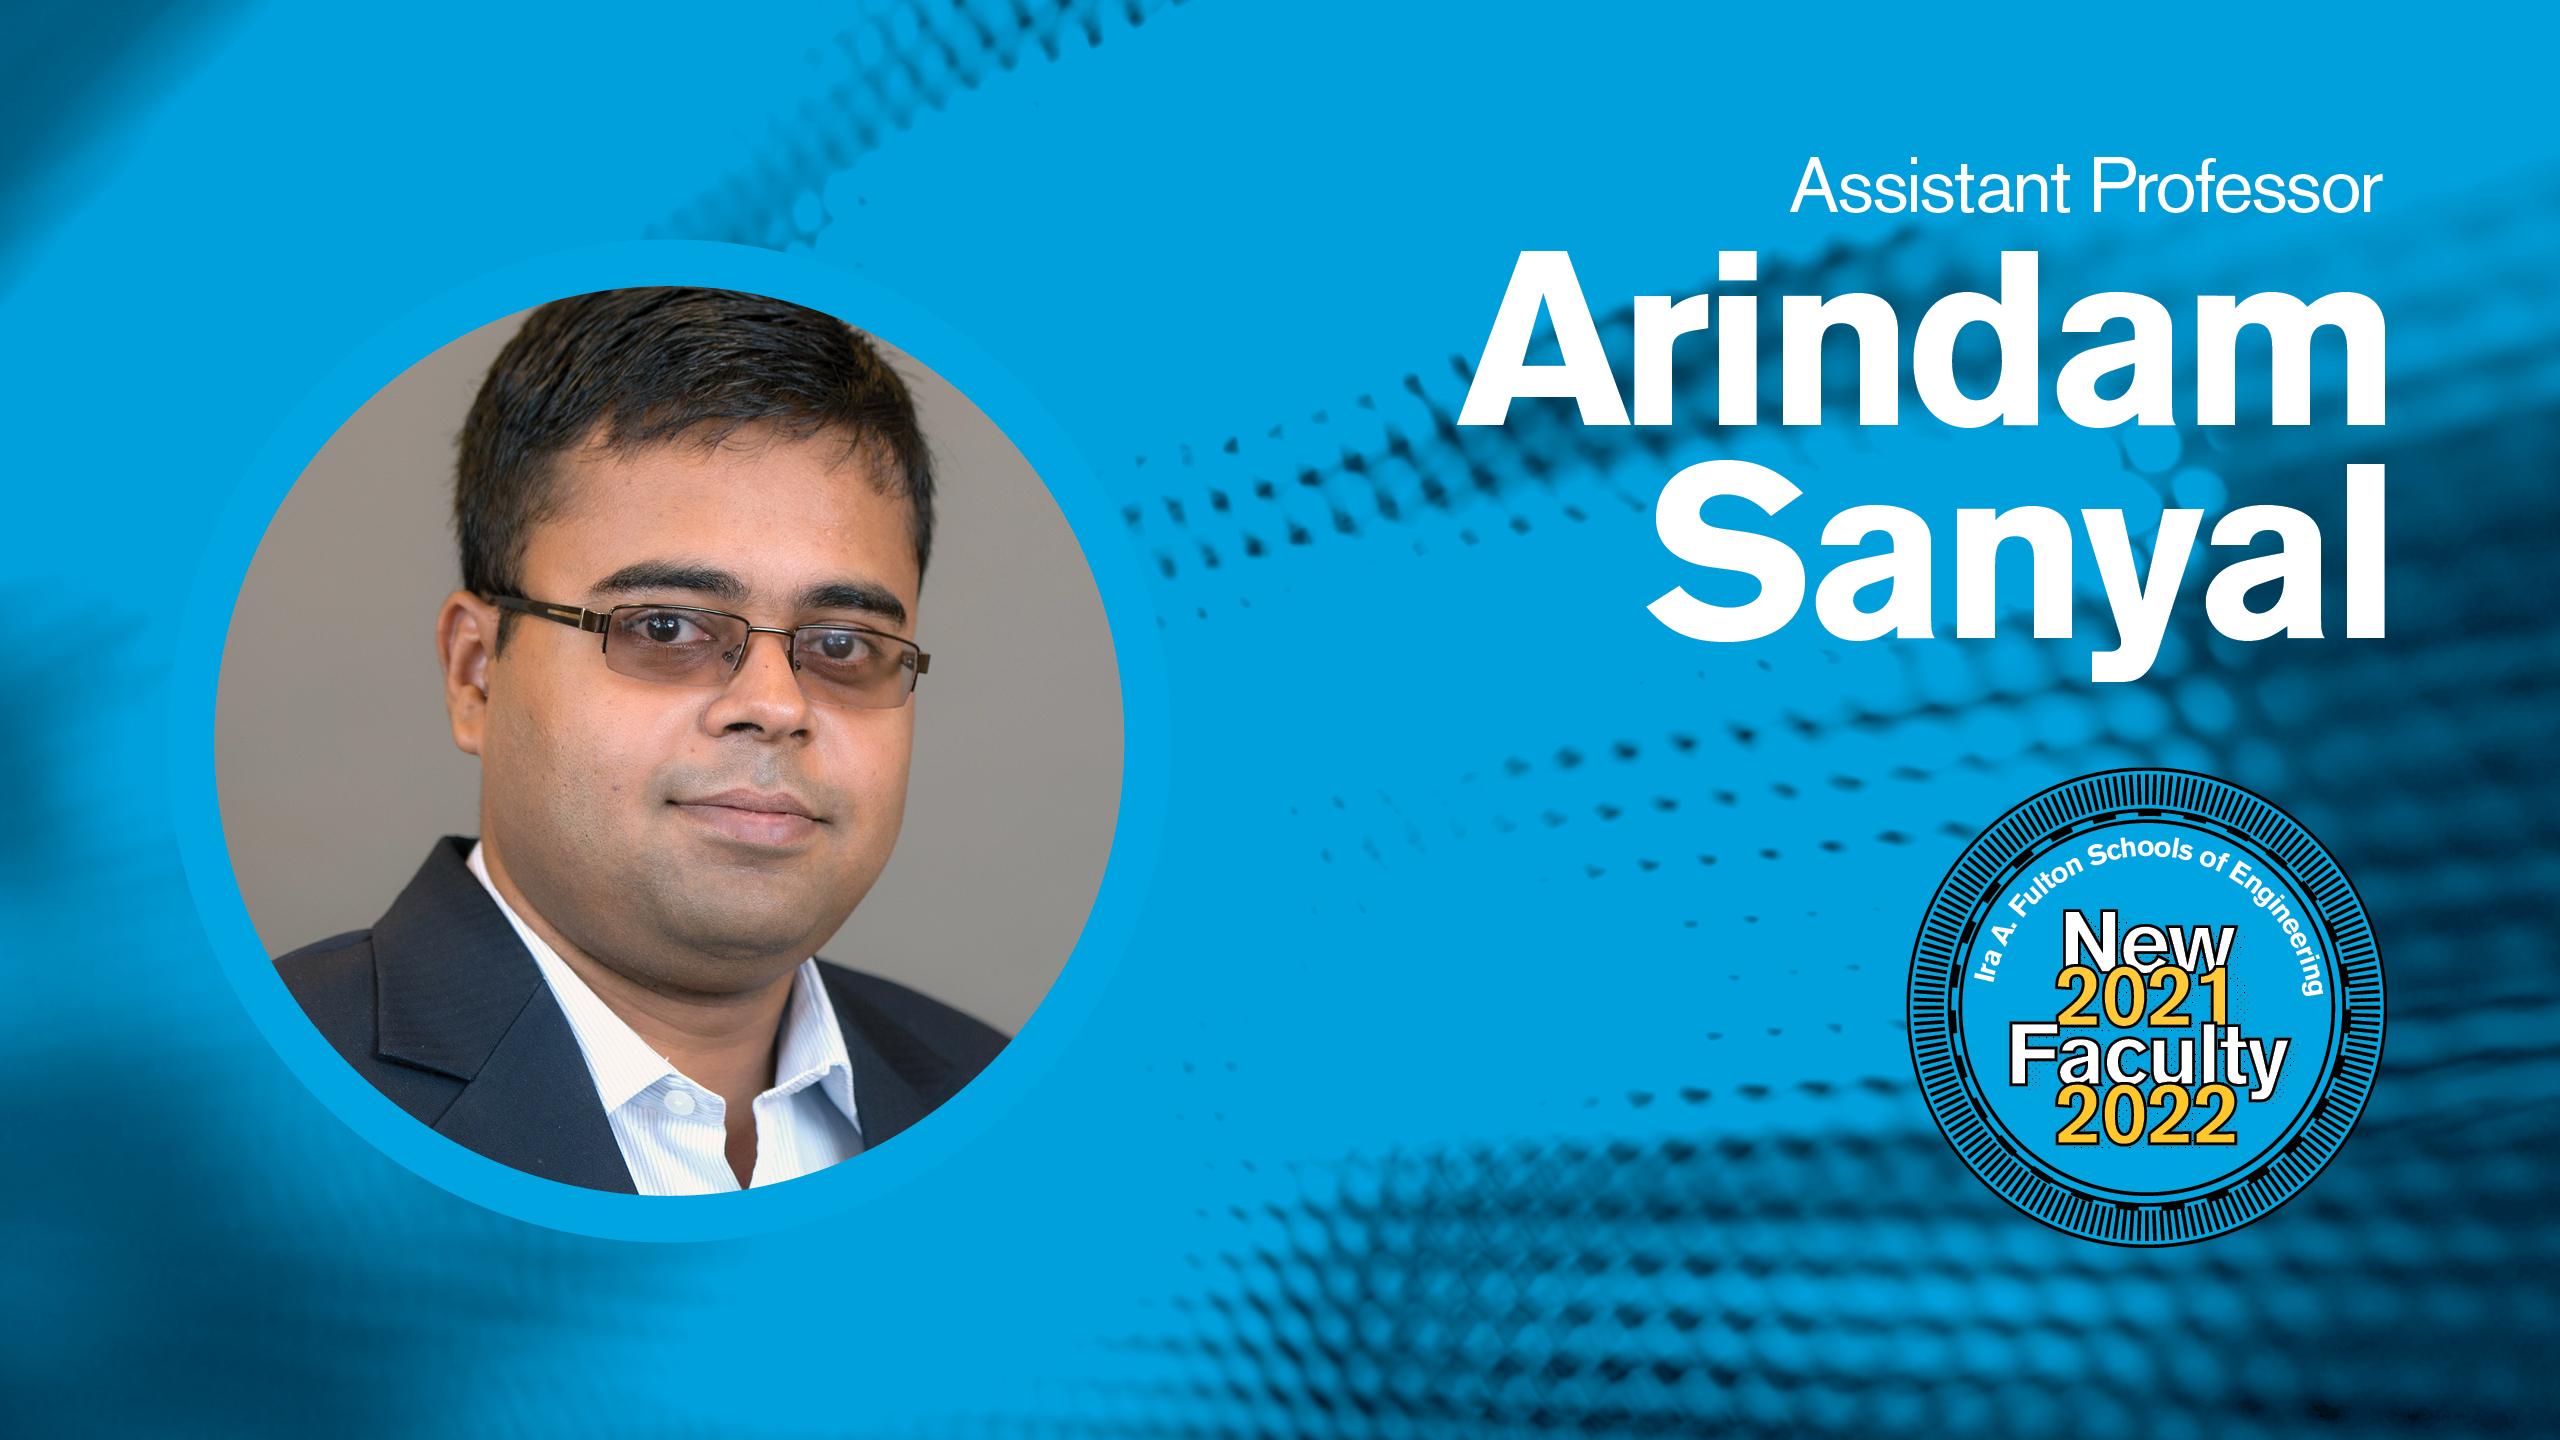 Arindam Sanyal